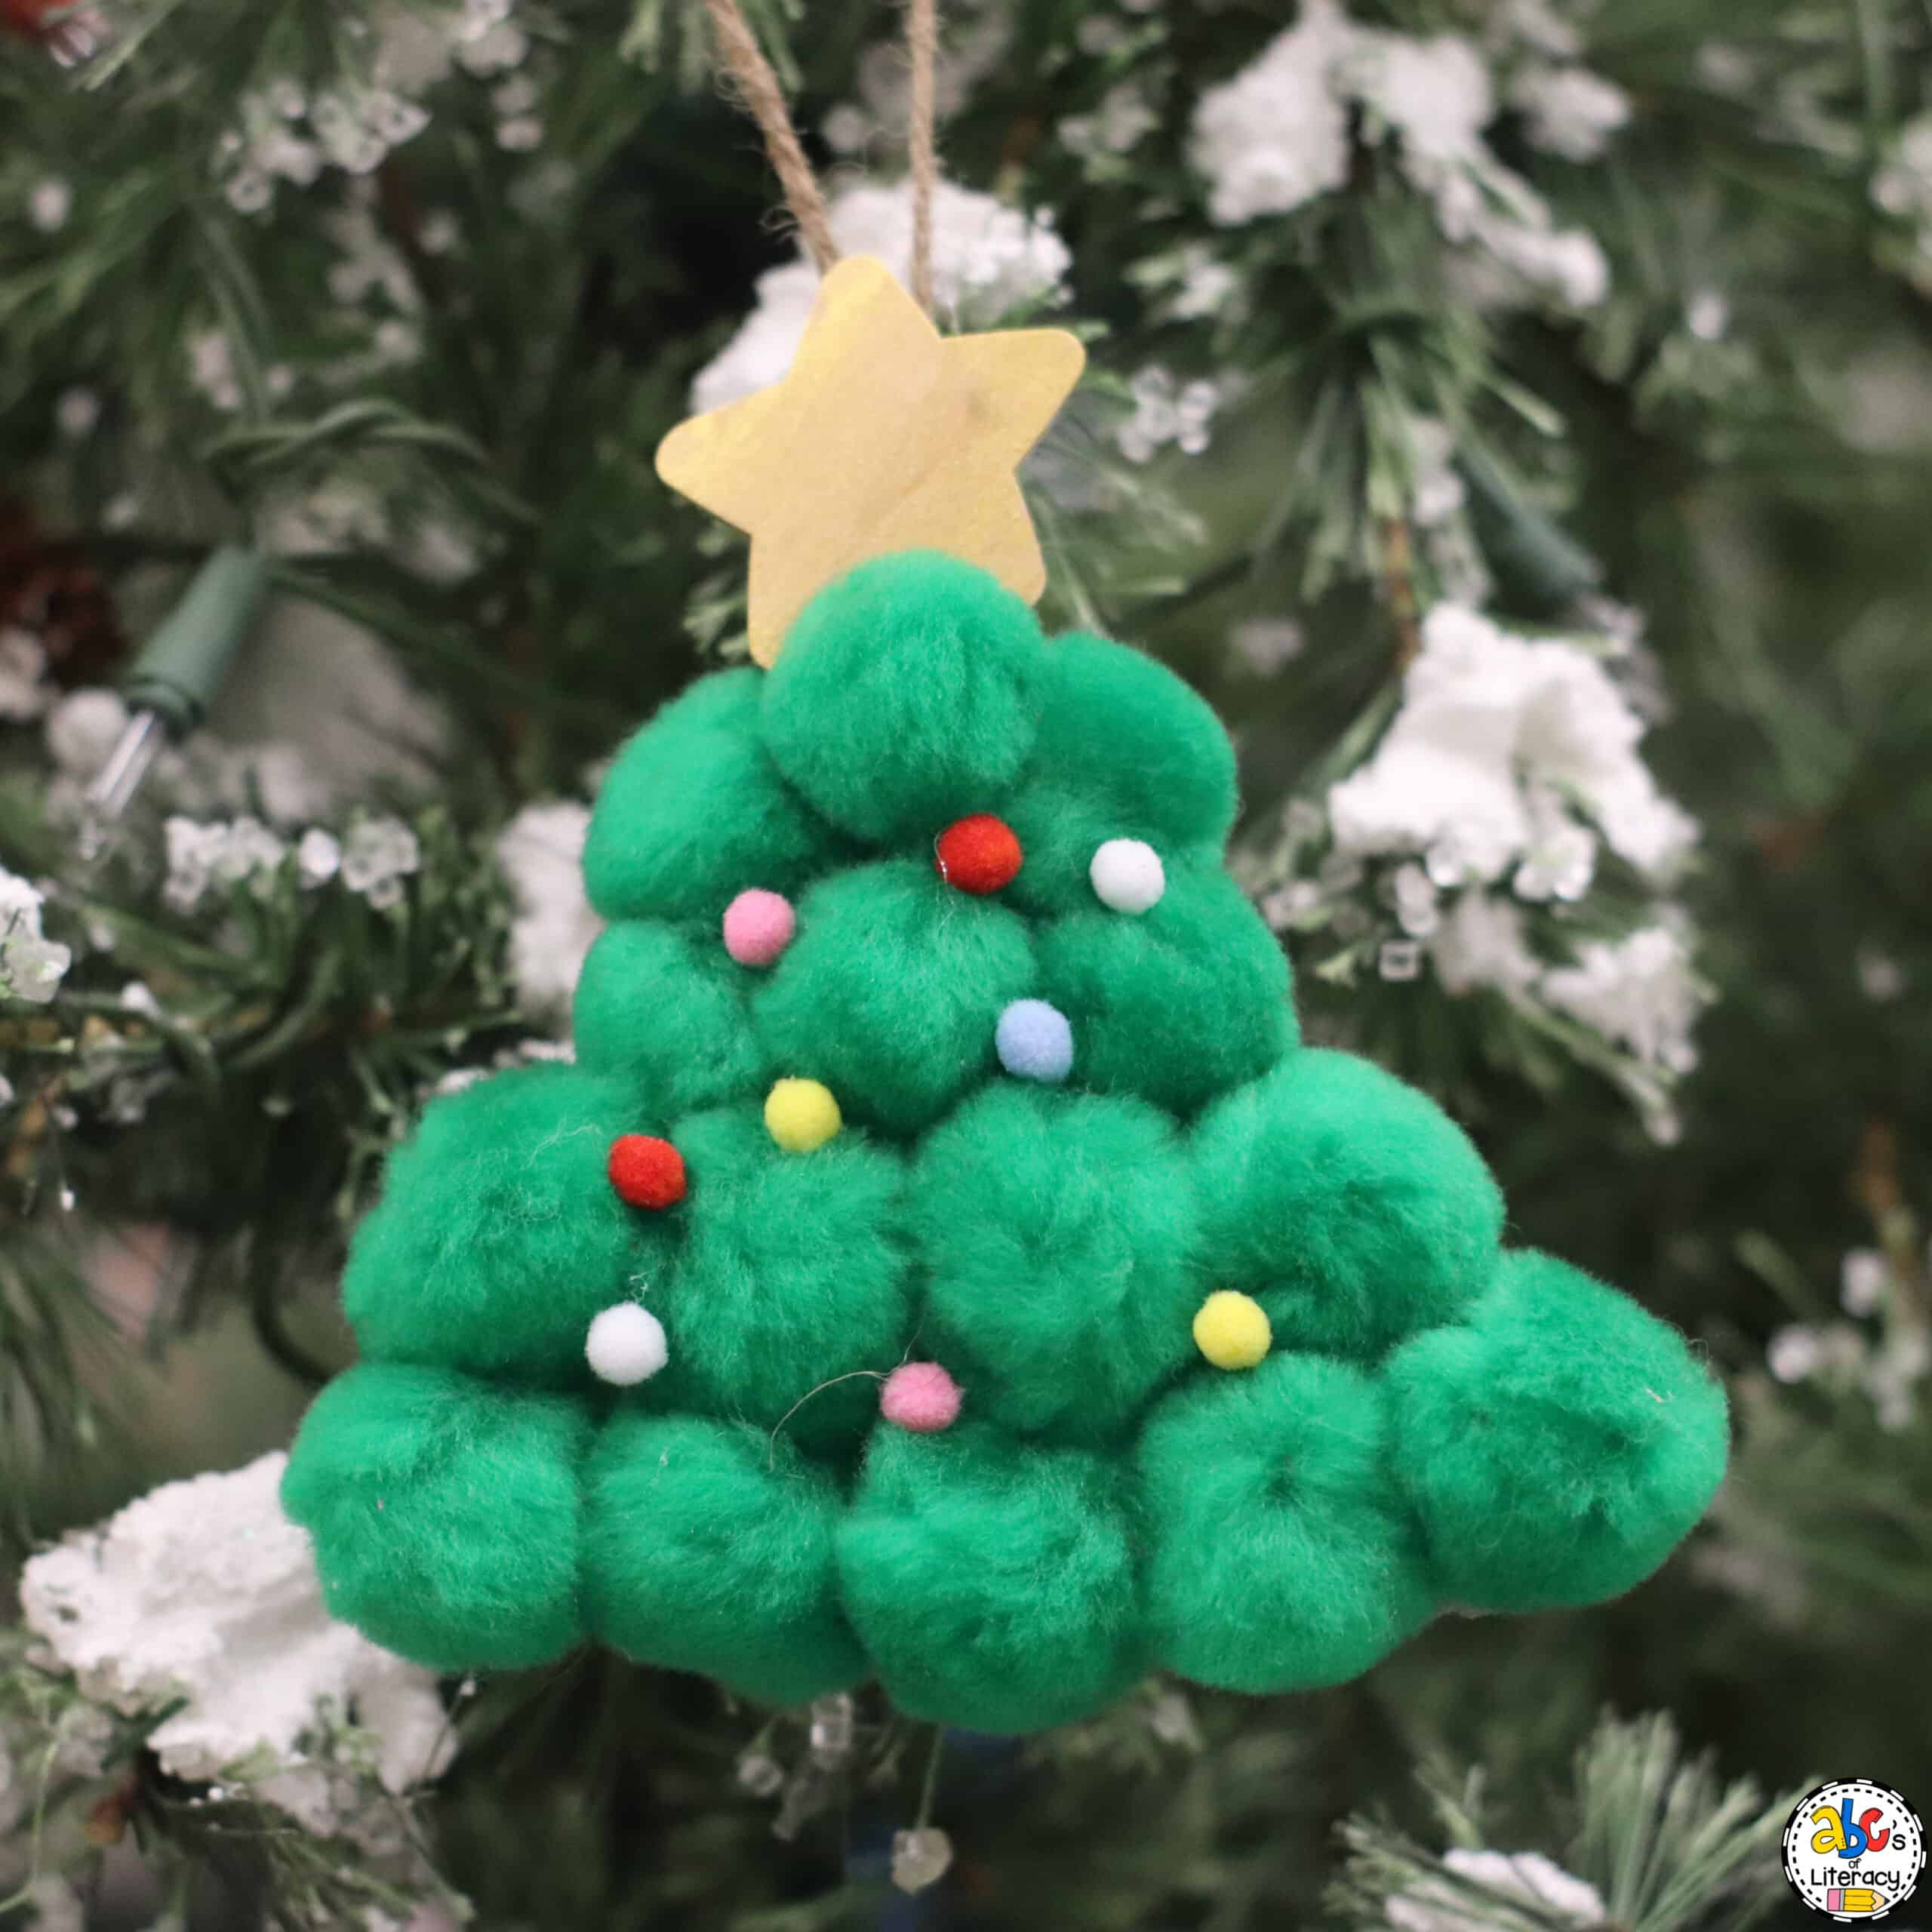 Christmas Ornament for Kids to Make